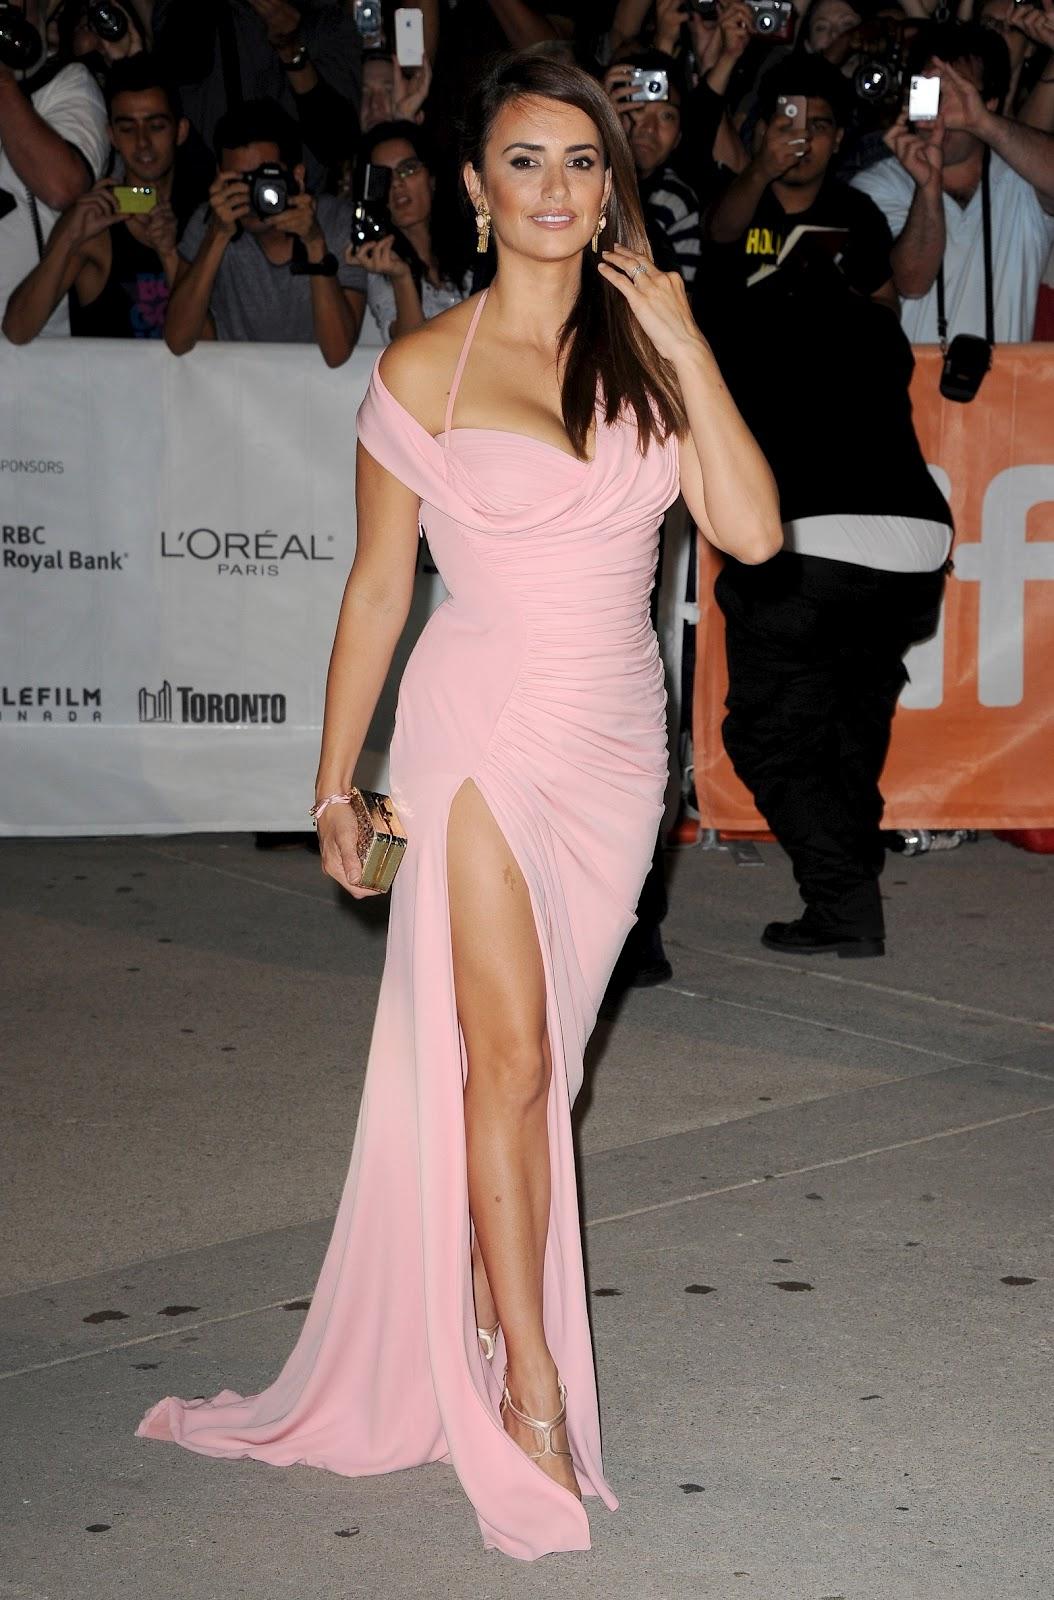 Sexy+Penelope+Cruz+%E2%80%93+%E2%80%9CTwice+Born%E2%80%9D+Premiere+in+Toronto+(11).jpg